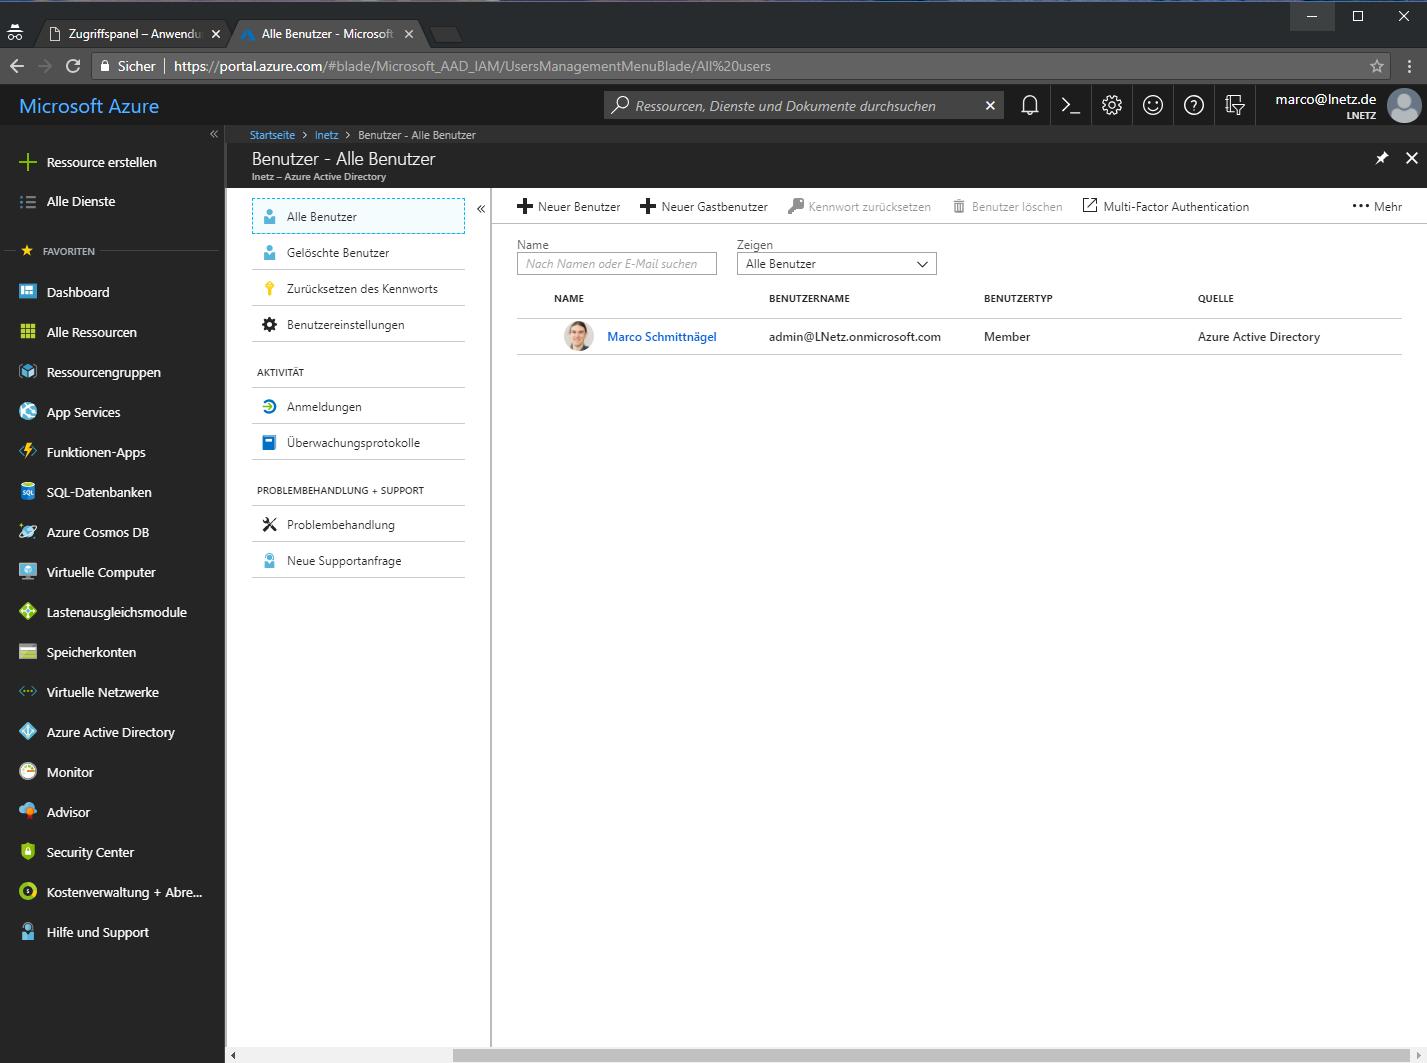 Office 365 Azure Portal Screenshot 2